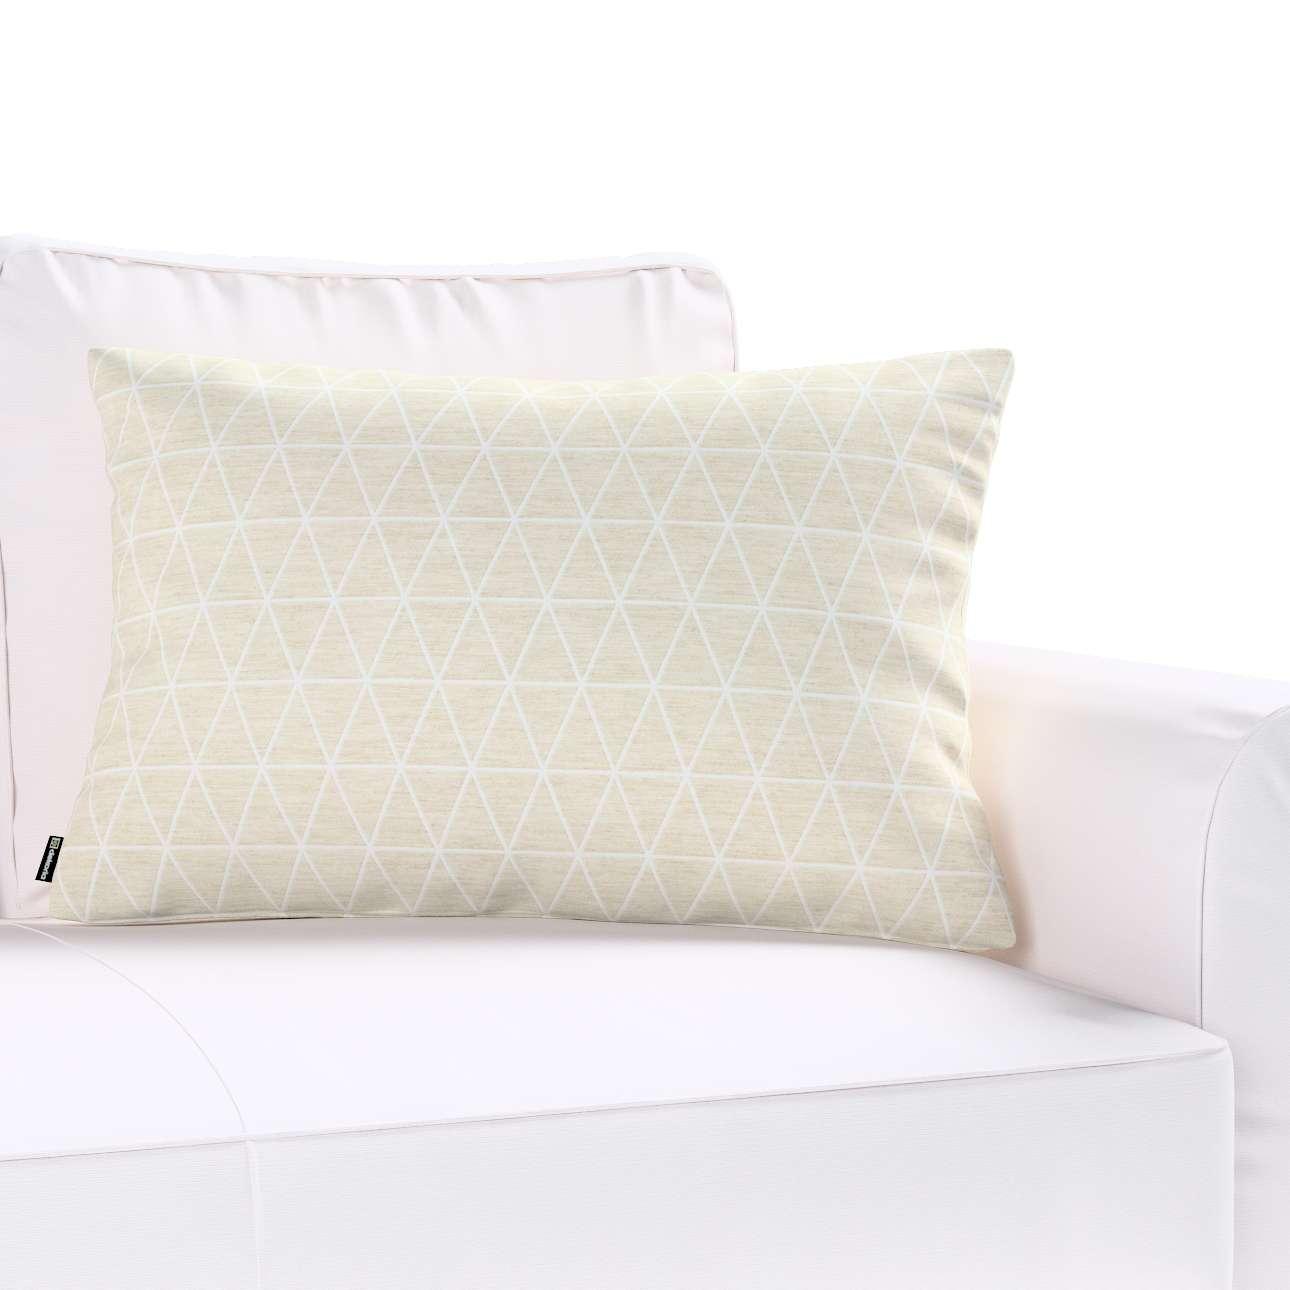 Poszewka Kinga na poduszkę prostokątną w kolekcji Sunny, tkanina: 143-49